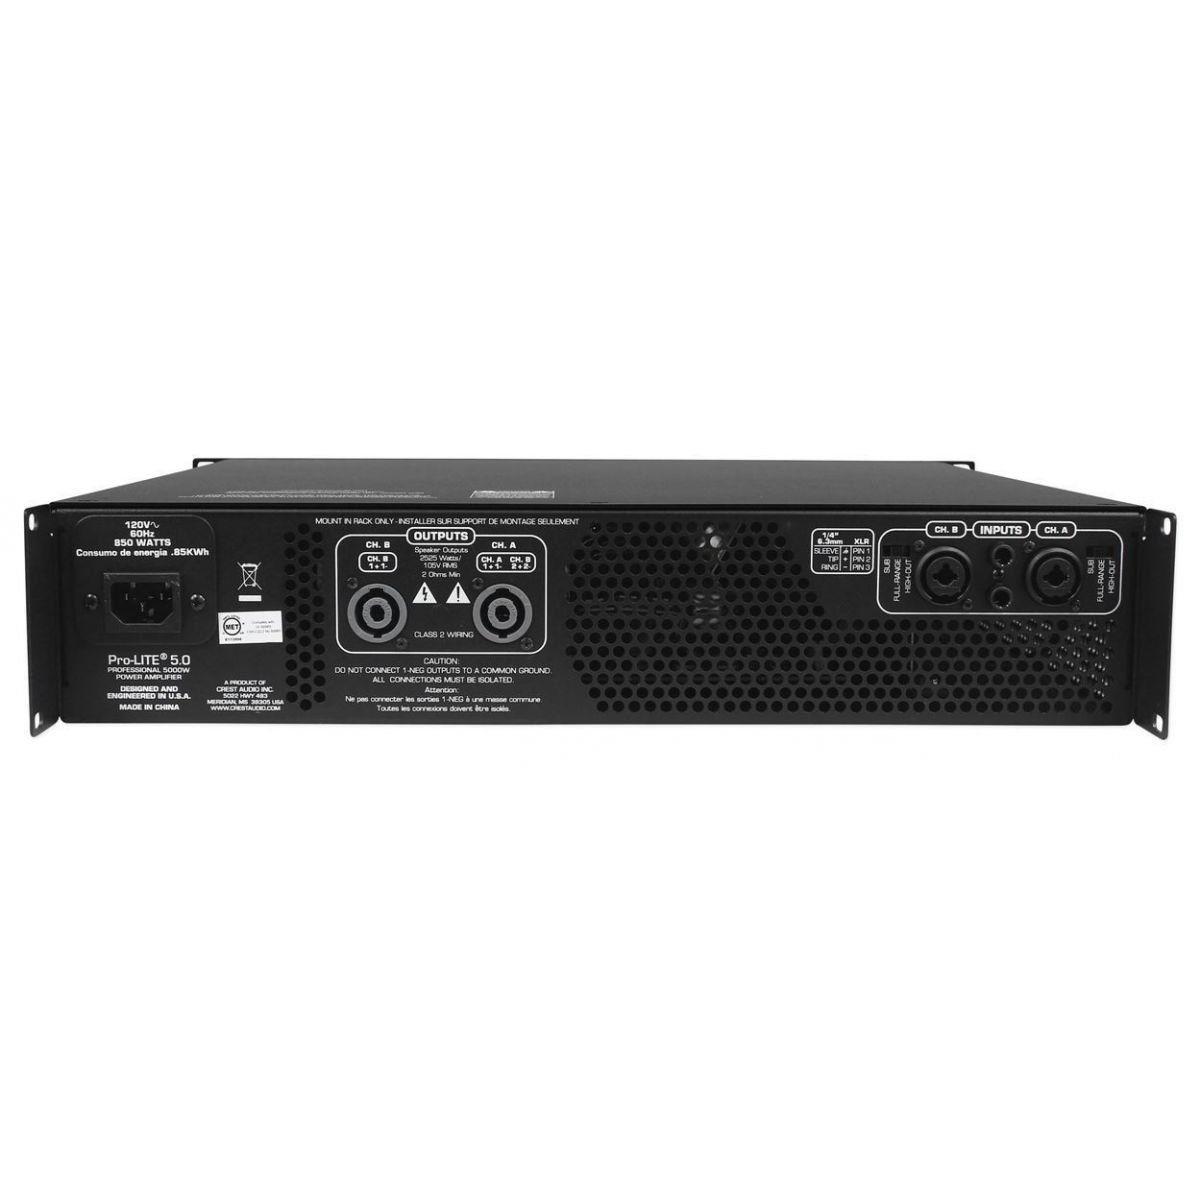 Amplificador Crest Audio Prolite 5.0 Superior Xti 6002 4002